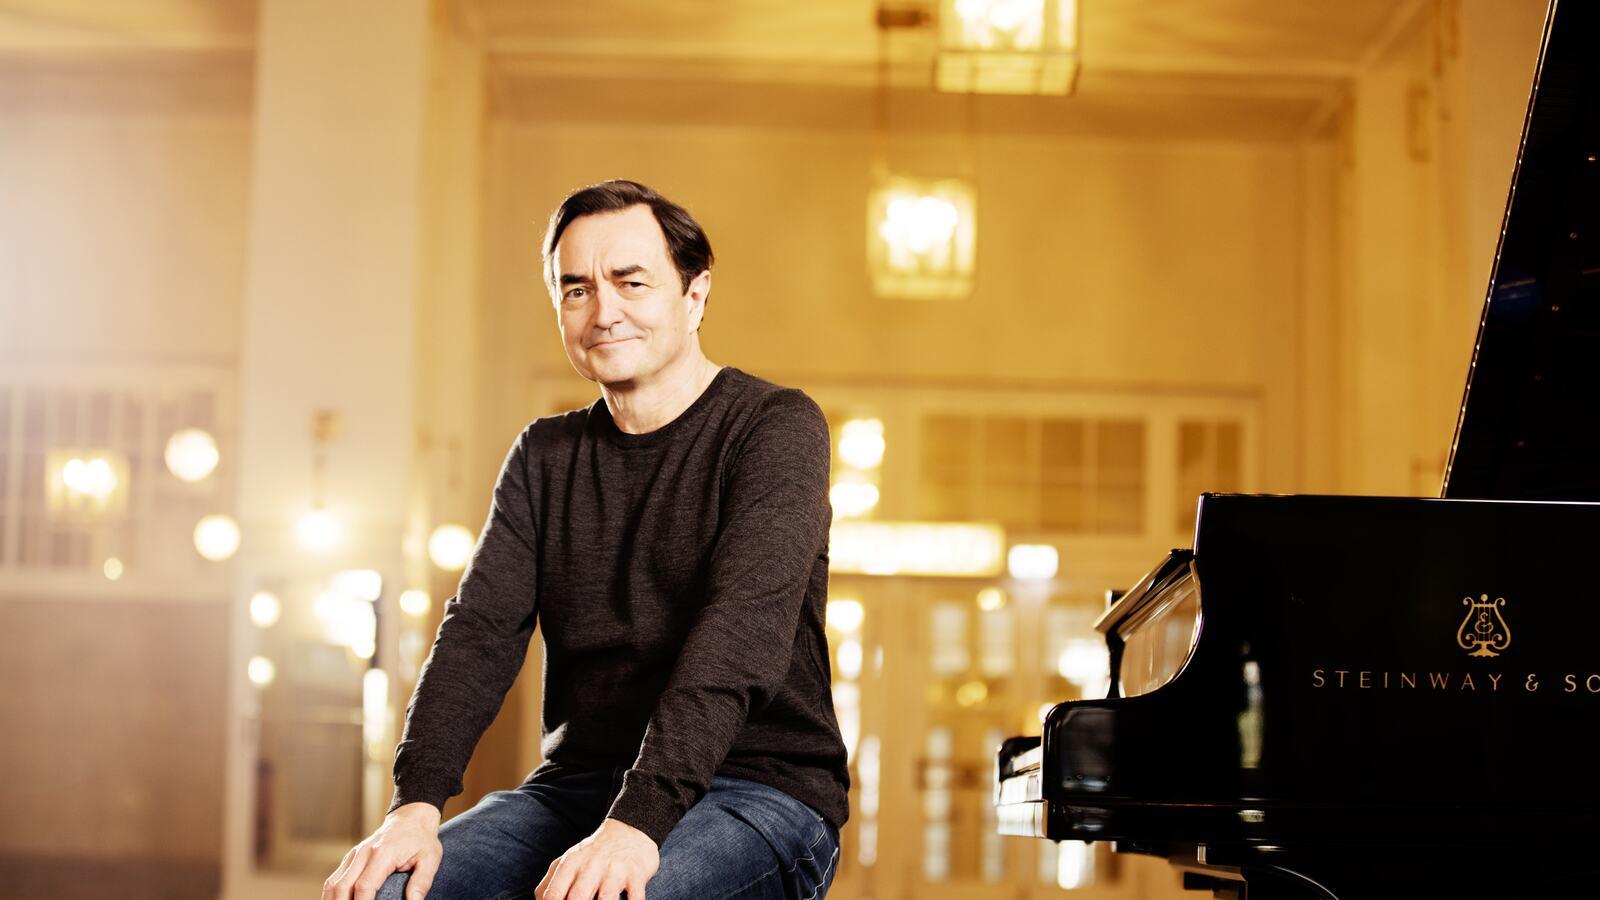 Pierre-Laurent Aimard, pianist